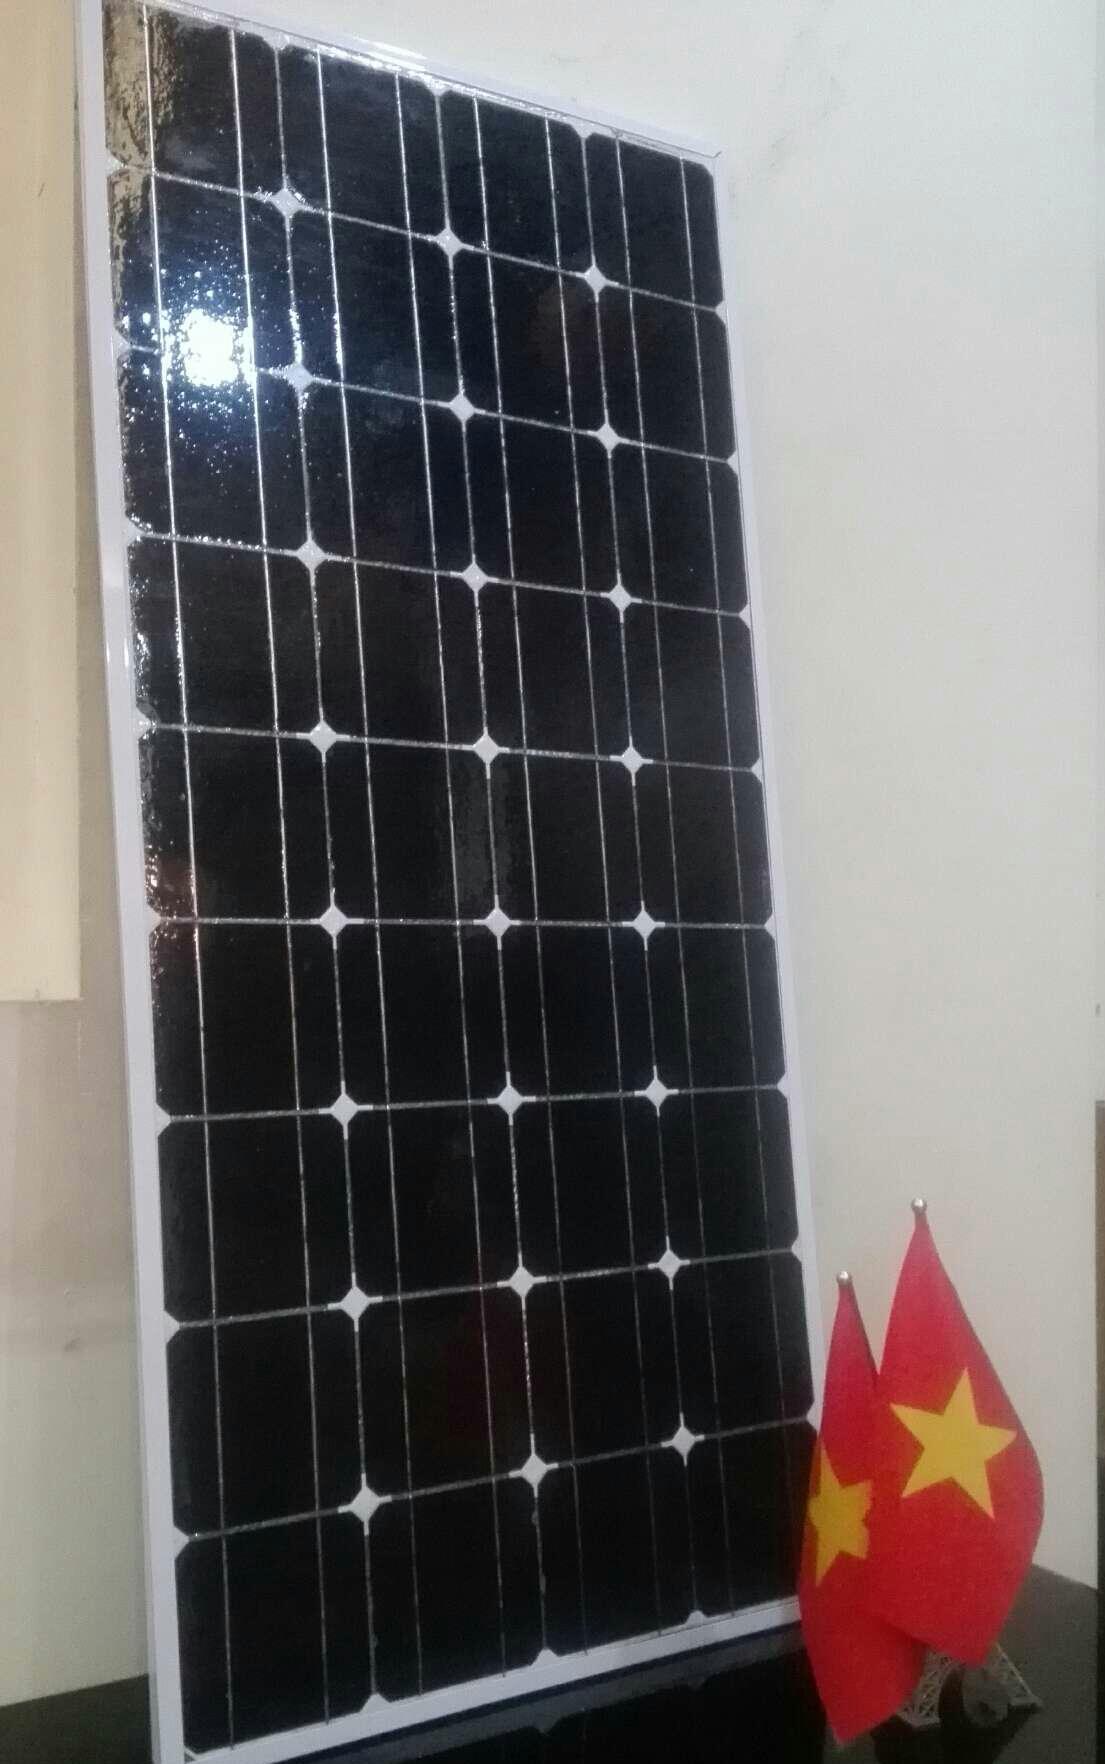 TẤM PIN NĂNG LƯỢNG MẶT TRỜI Mono 100W - Mono solar panel 100W